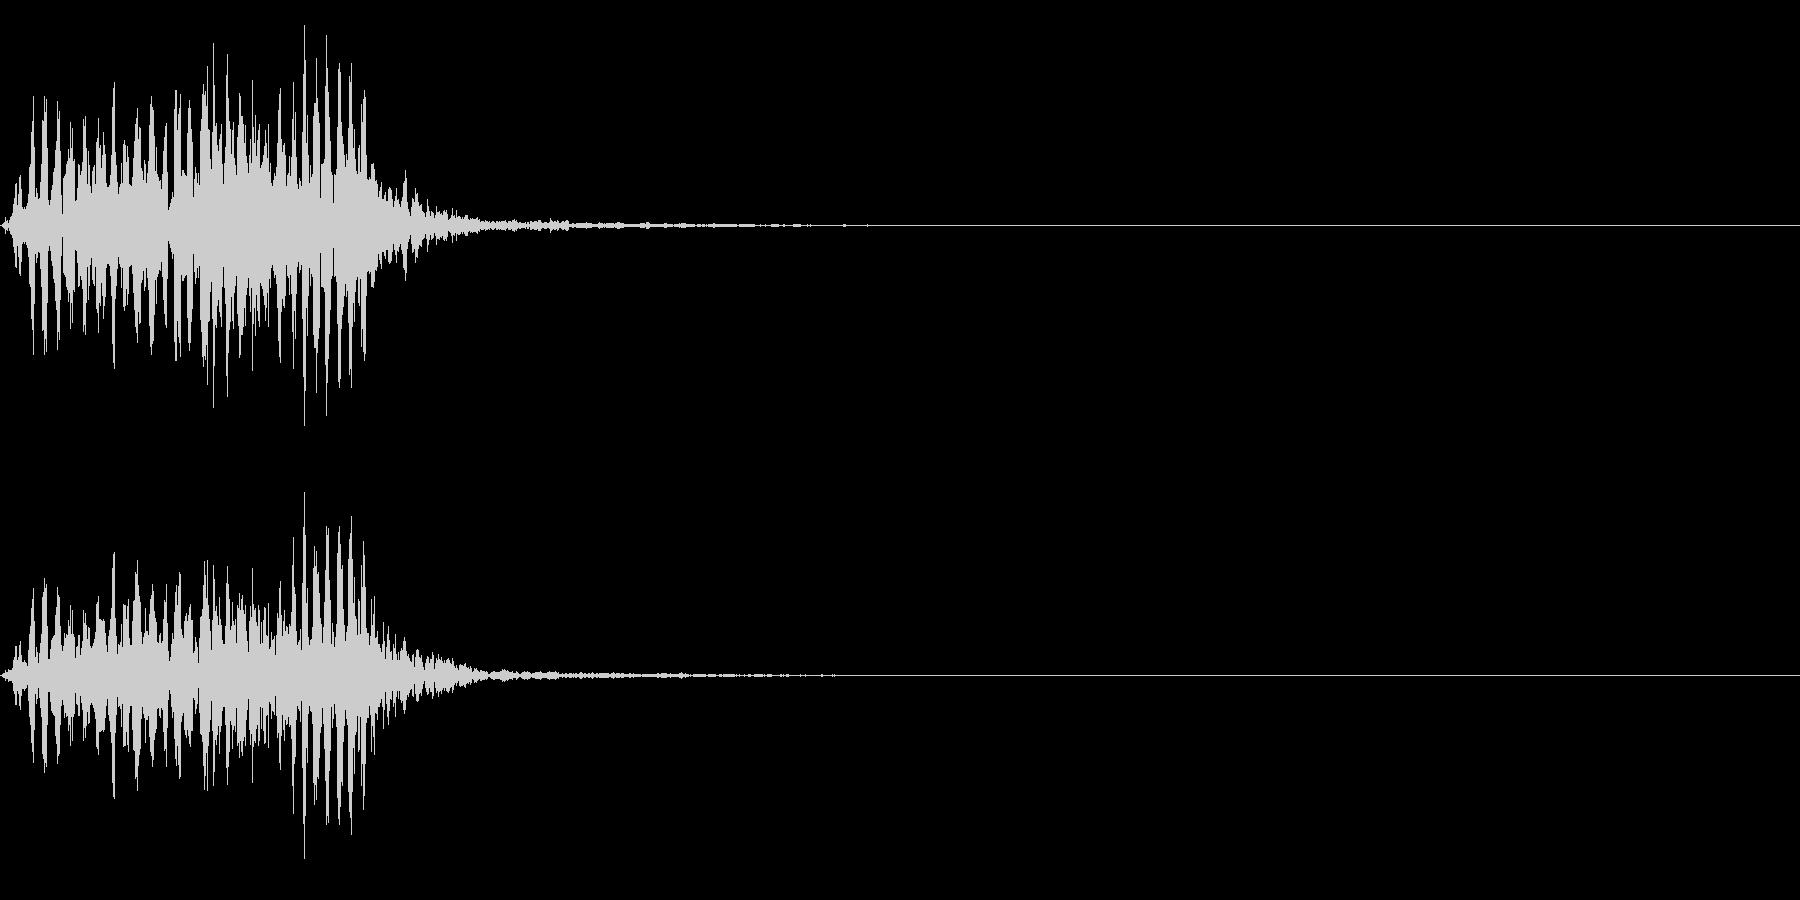 【生録音】フラミンゴの鳴き声 42の未再生の波形